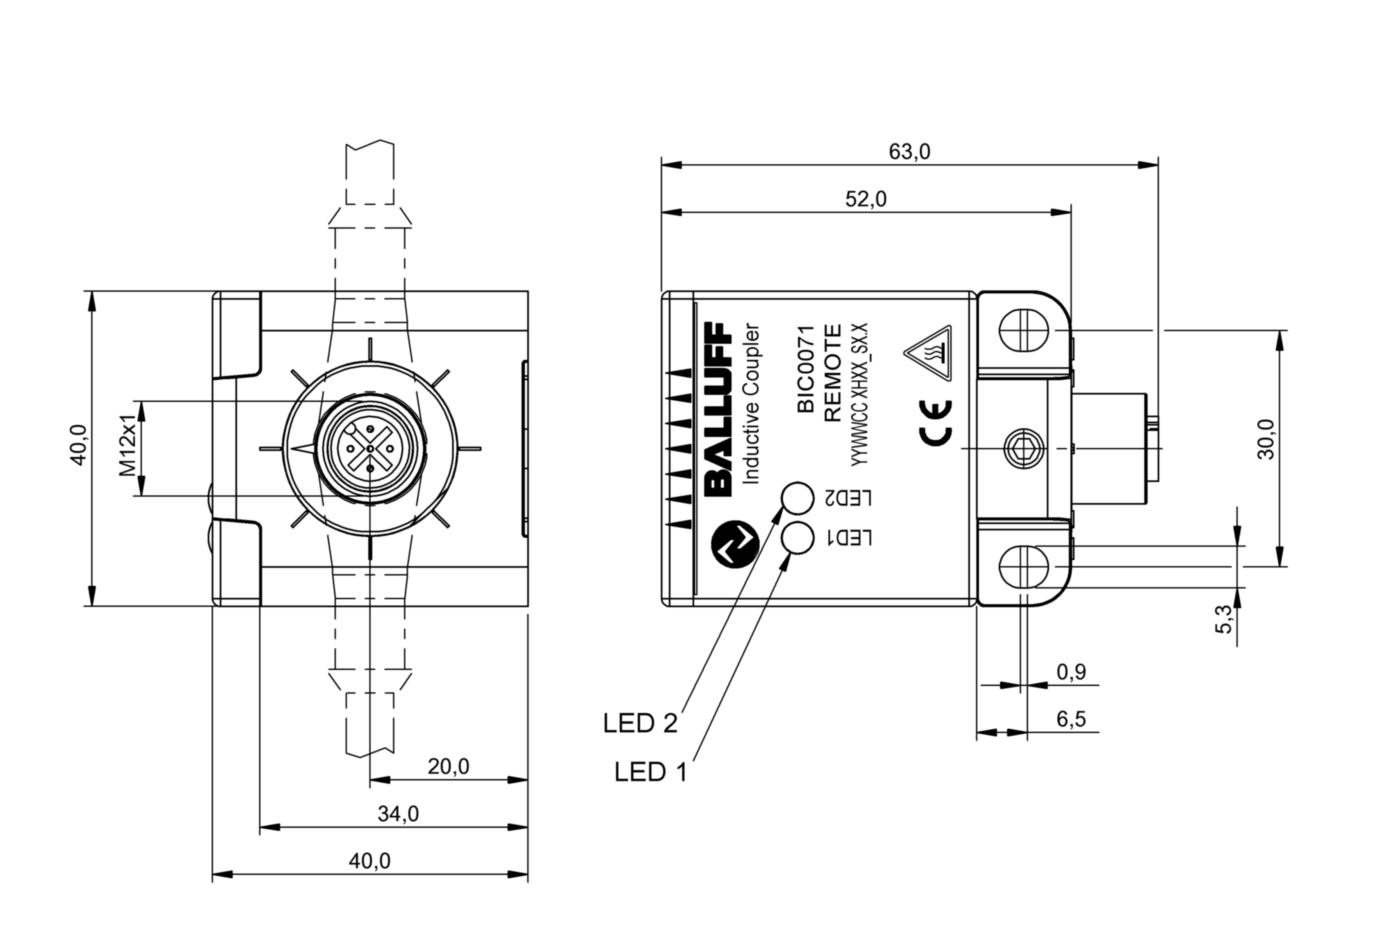 BIC0071 - BIC 2B0-ITA50-Q40KFU-SM4A5A - Balluff on